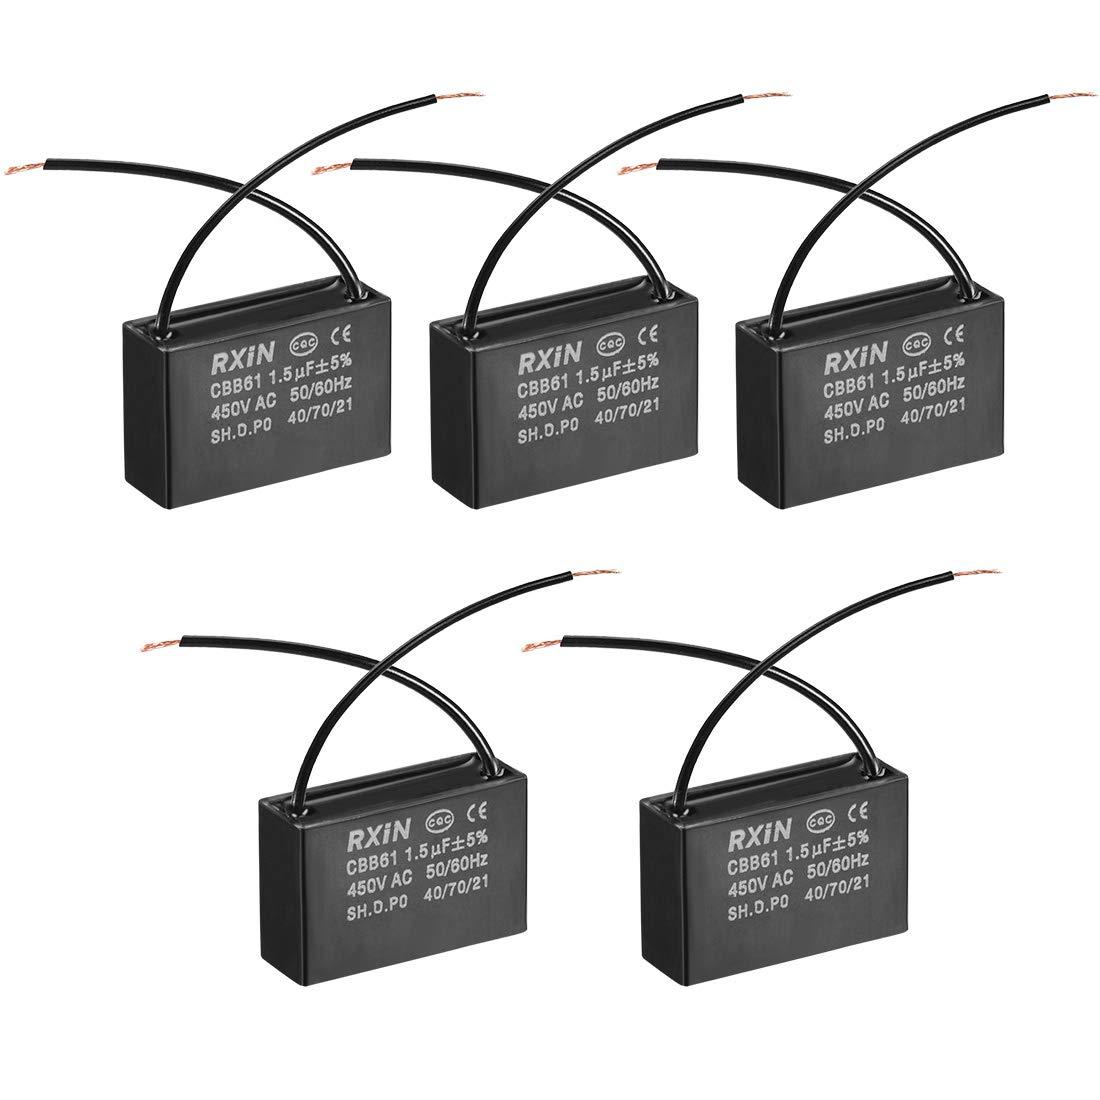 sourcing map Condensador De Funcionamiento CBB61 0.8Uf 450V AC 2 Cable De Pel/ícula De Polipropileno Metalizado Condensadores para Ventilador De Techo 10Pcs